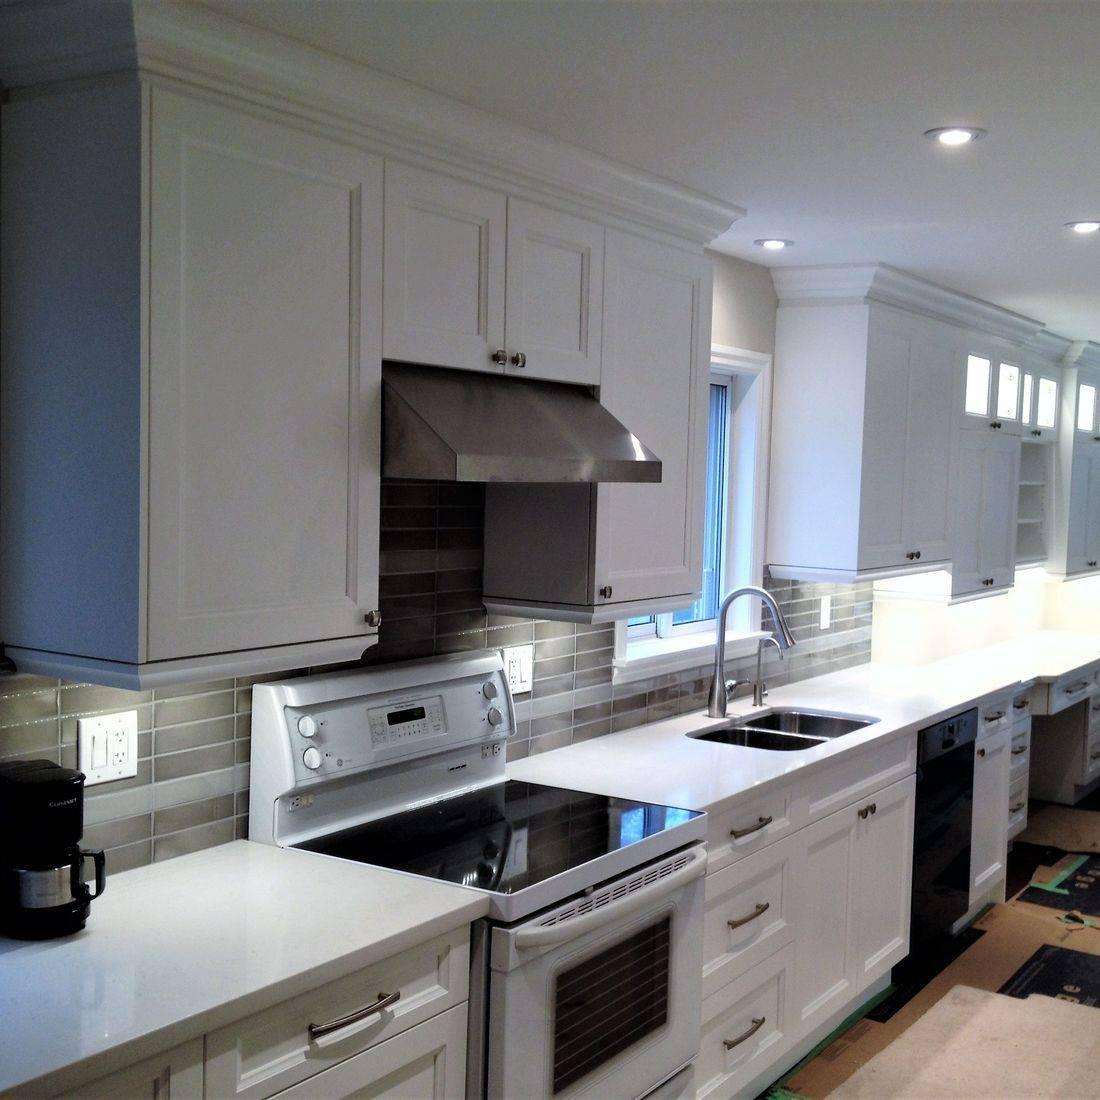 Sibra Kitchens Markham Toronto quartz white shaker cabinets